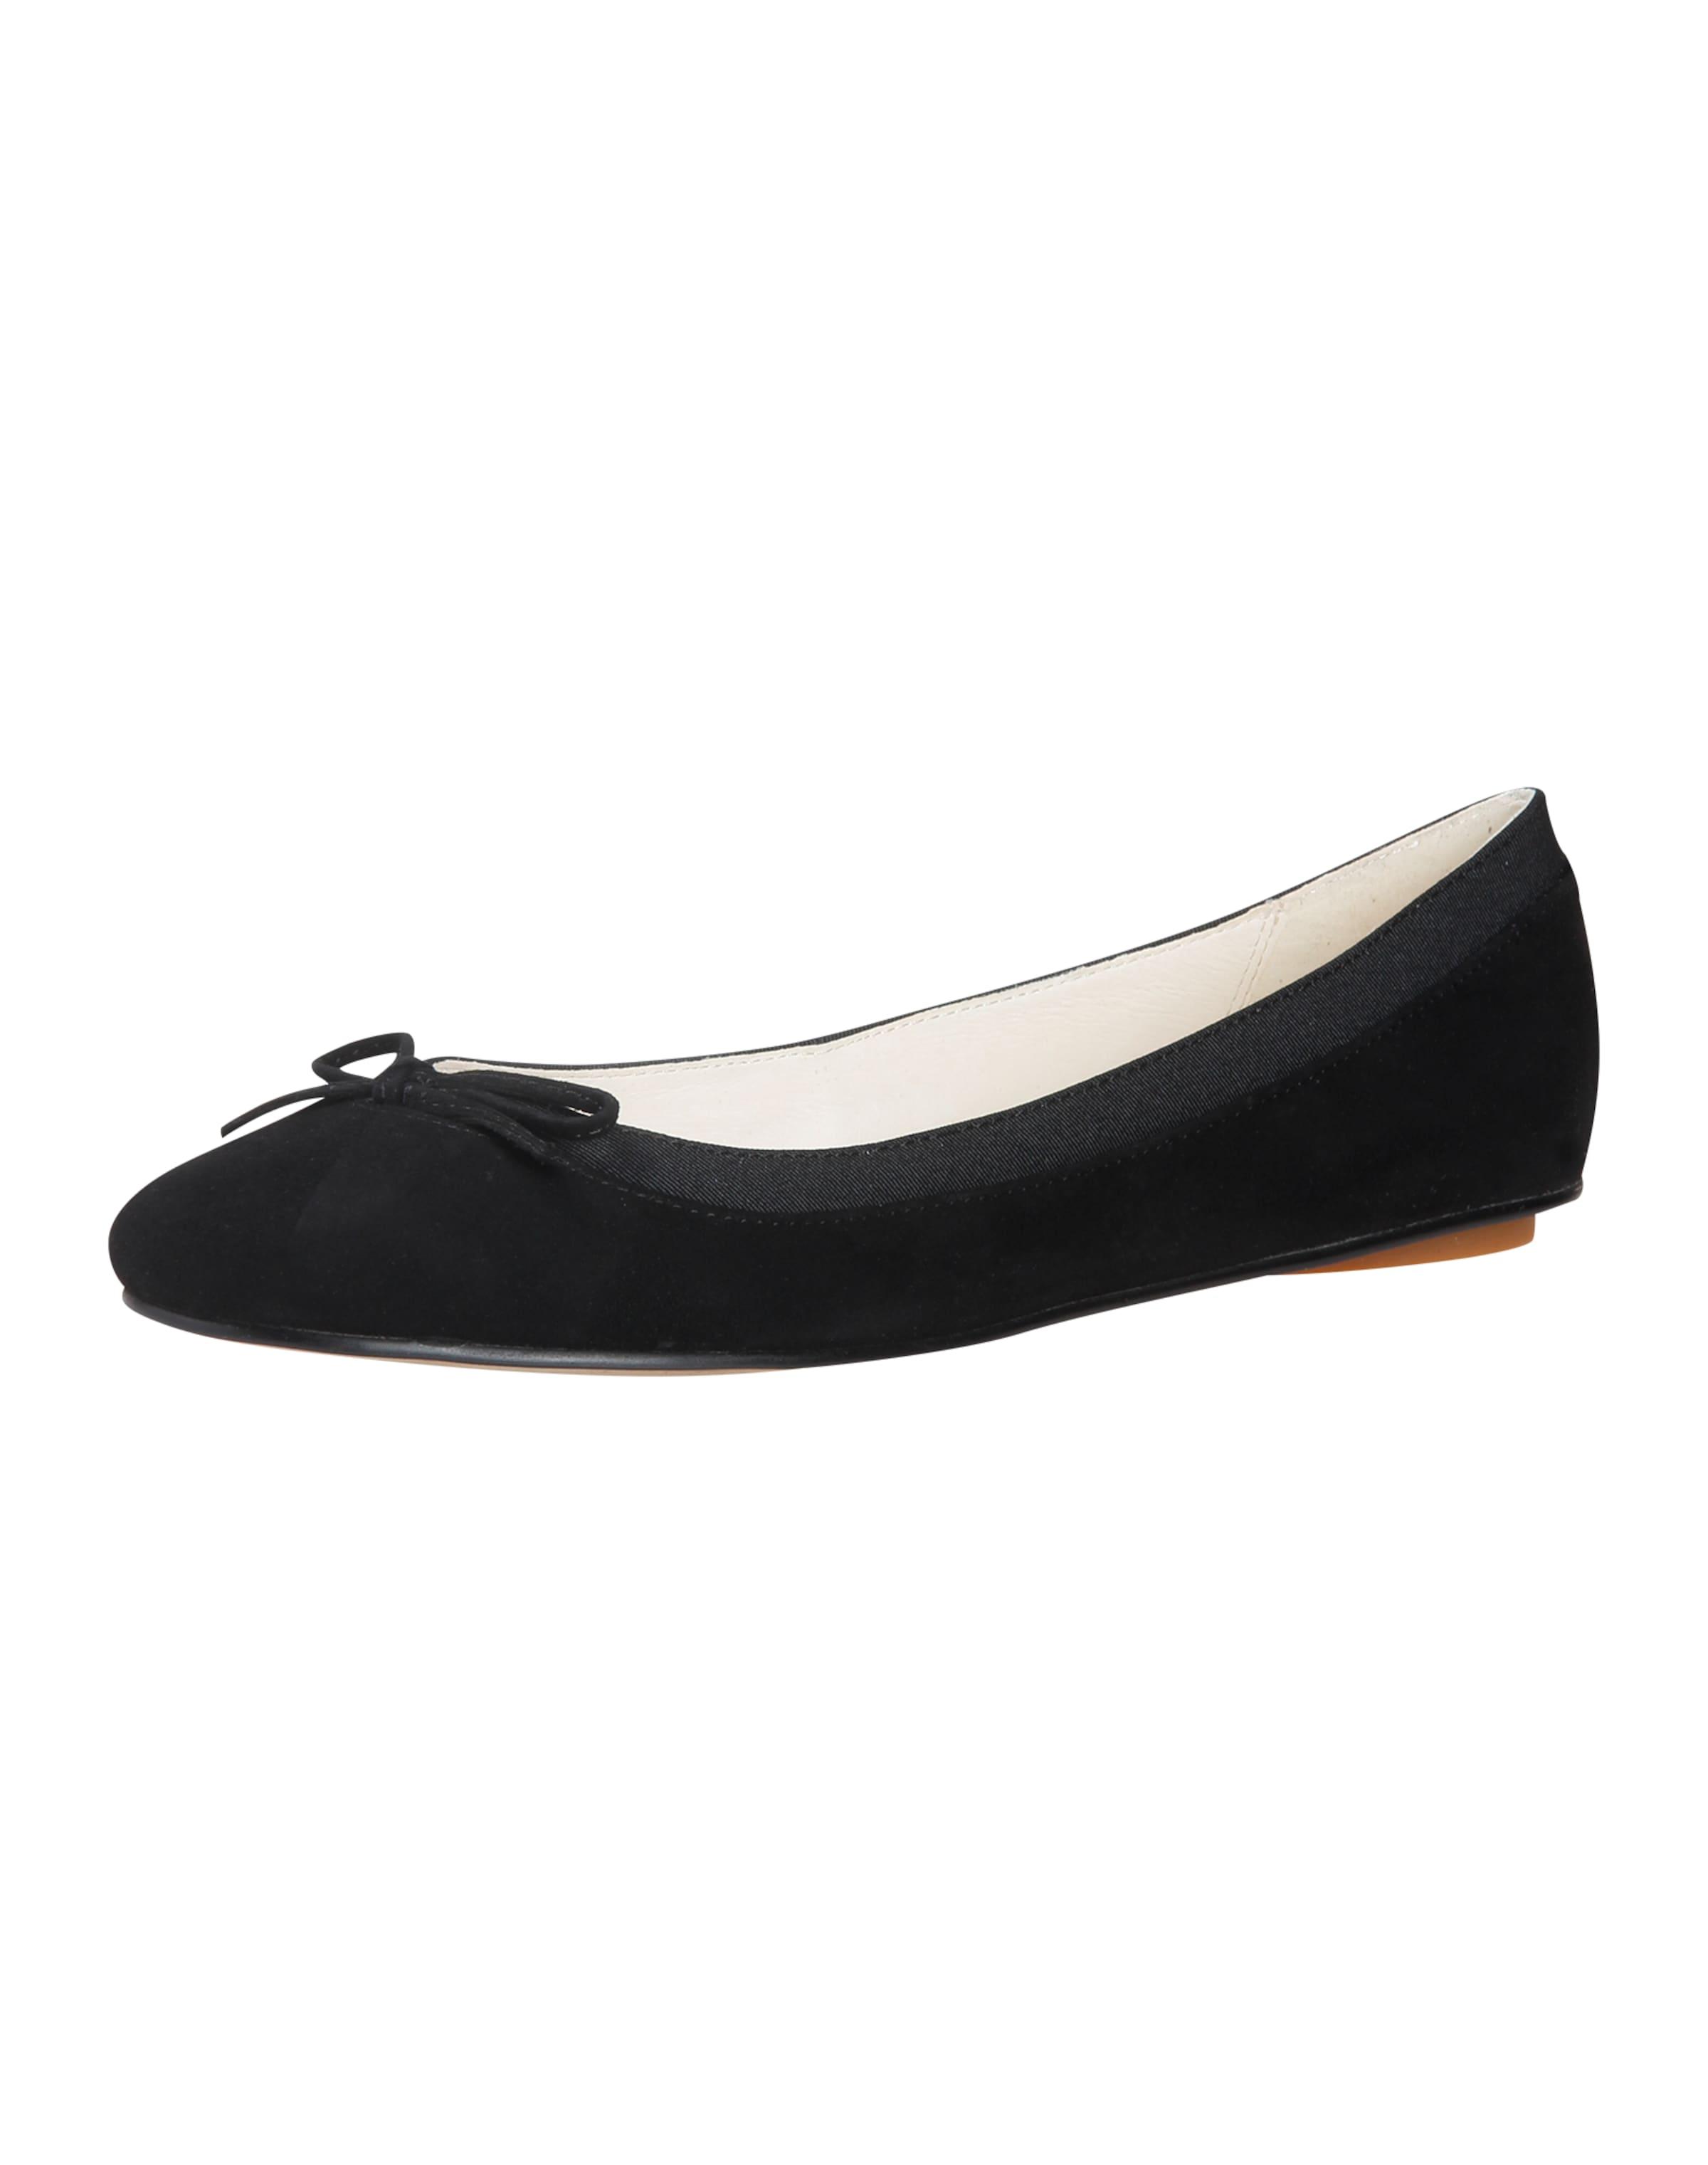 BUFFALO Ballerinas Verschleißfeste billige Schuhe Hohe Qualität